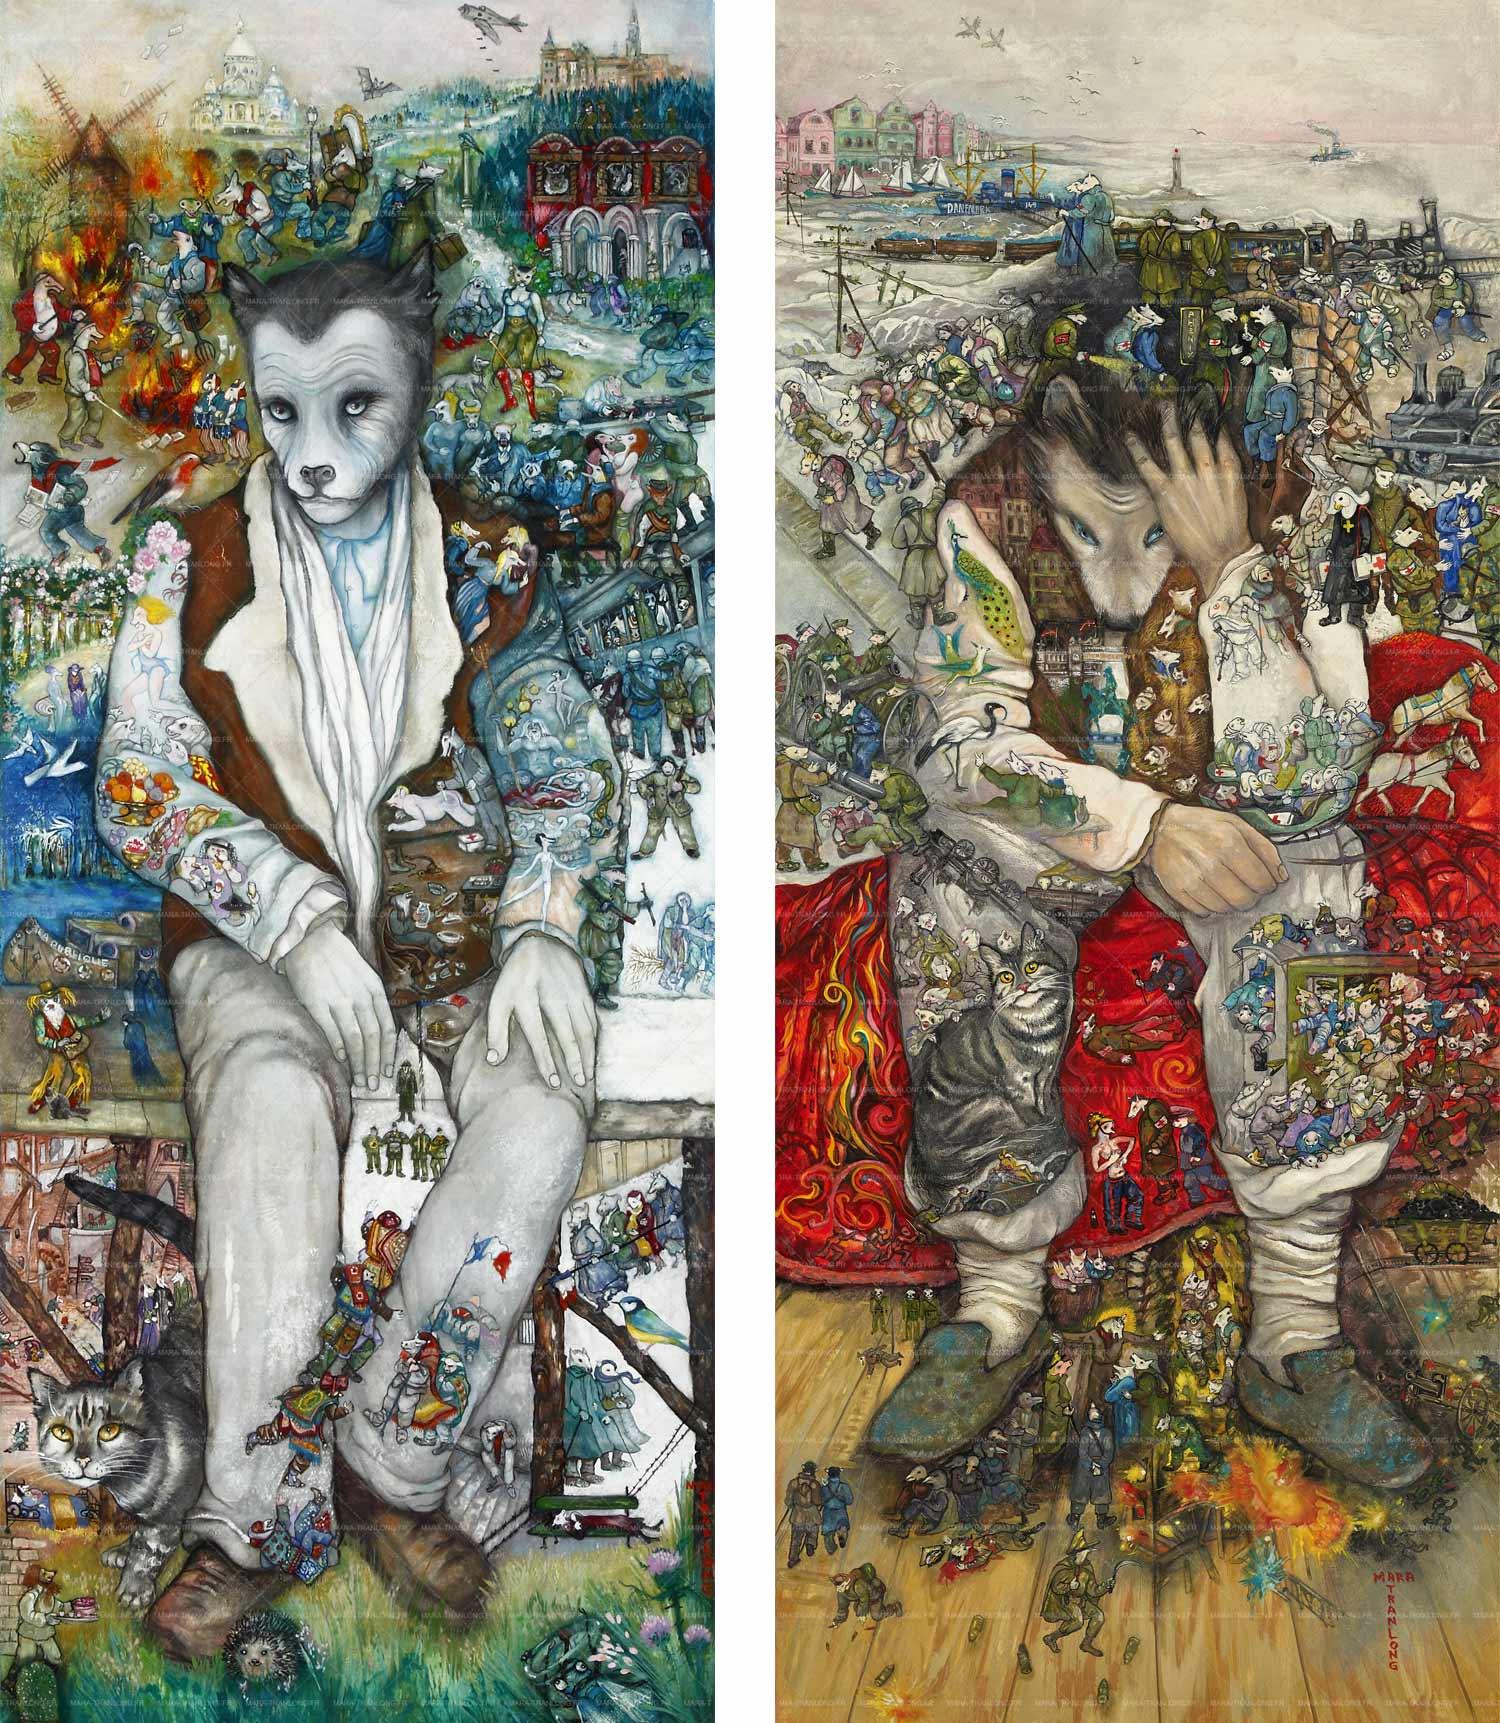 """Mara Tranlong - Collection """"Mon homage à Céline"""" - Titre : Les petits cercueils et Adieu La Vigue - Acrylique sur bois 50 cm x 120 cm - Année 2010 - 2013"""